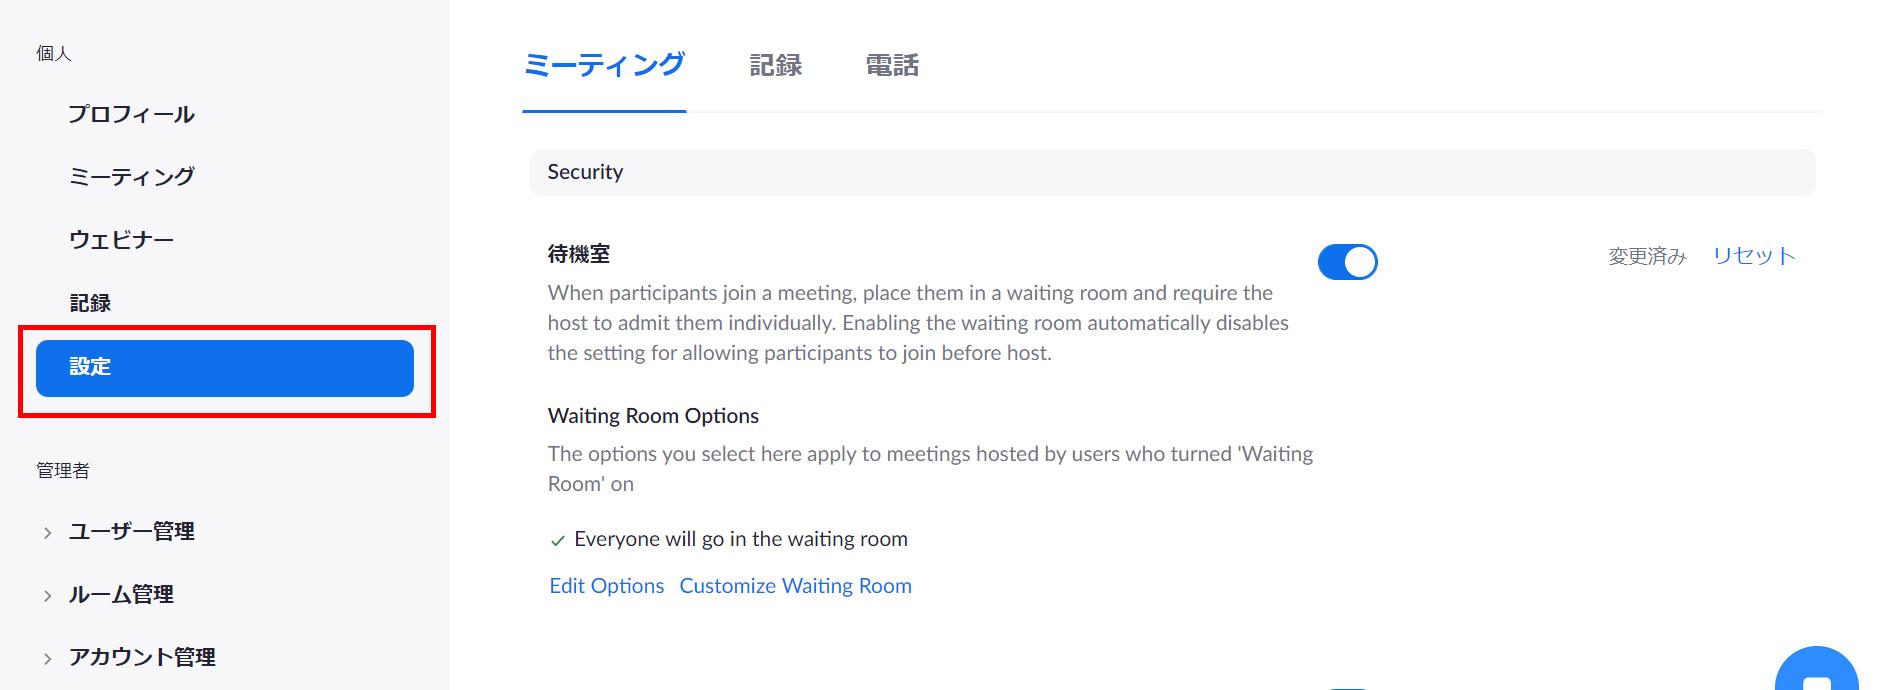 ホストの設定で参加者の画面に「ブラウザから起動してください」を表示する2